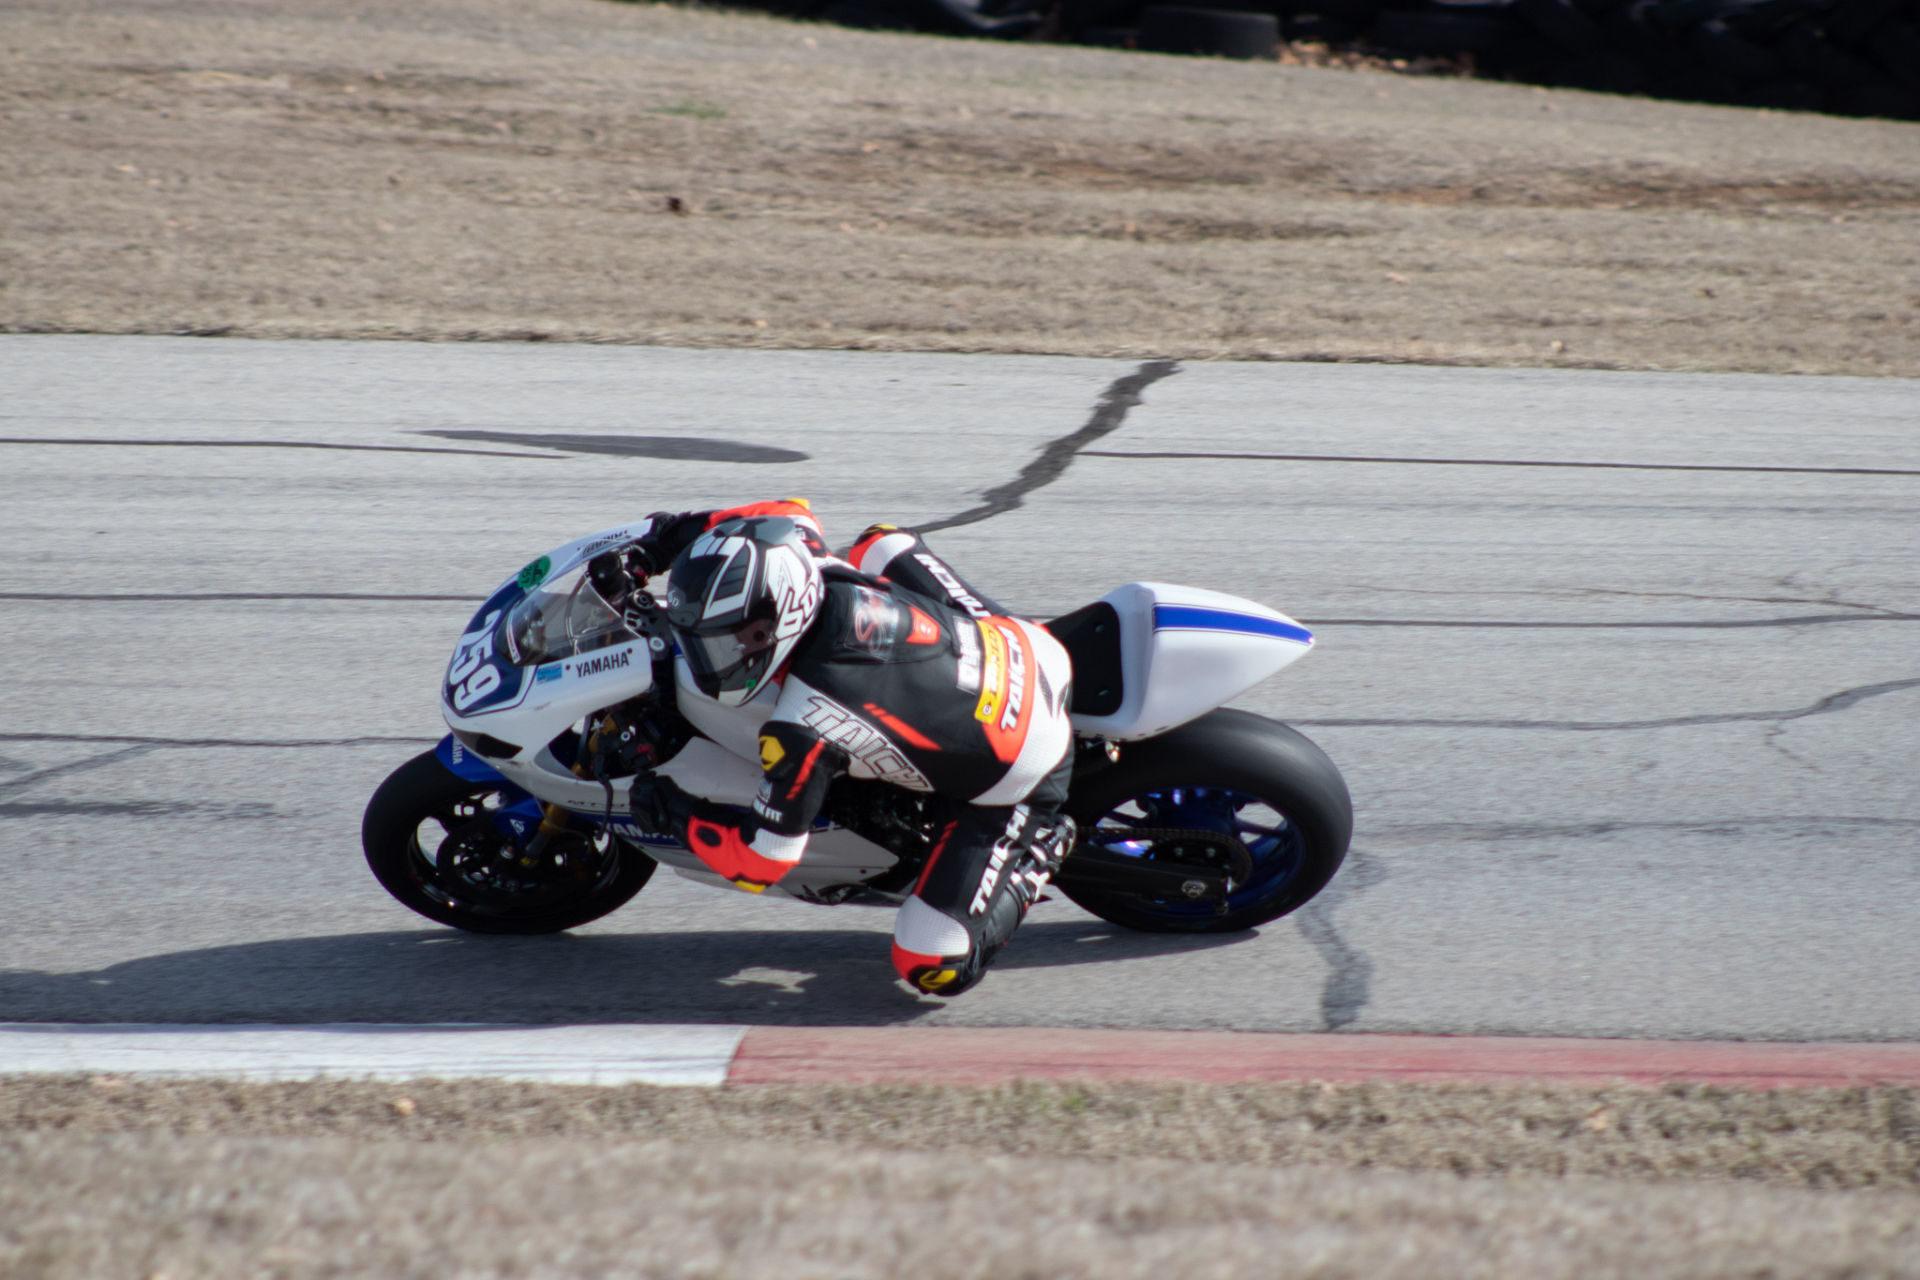 MotoAmerica Twins Cup racer Hayden Schultz (259). Photo courtesy of Hayden Schultz Racing.